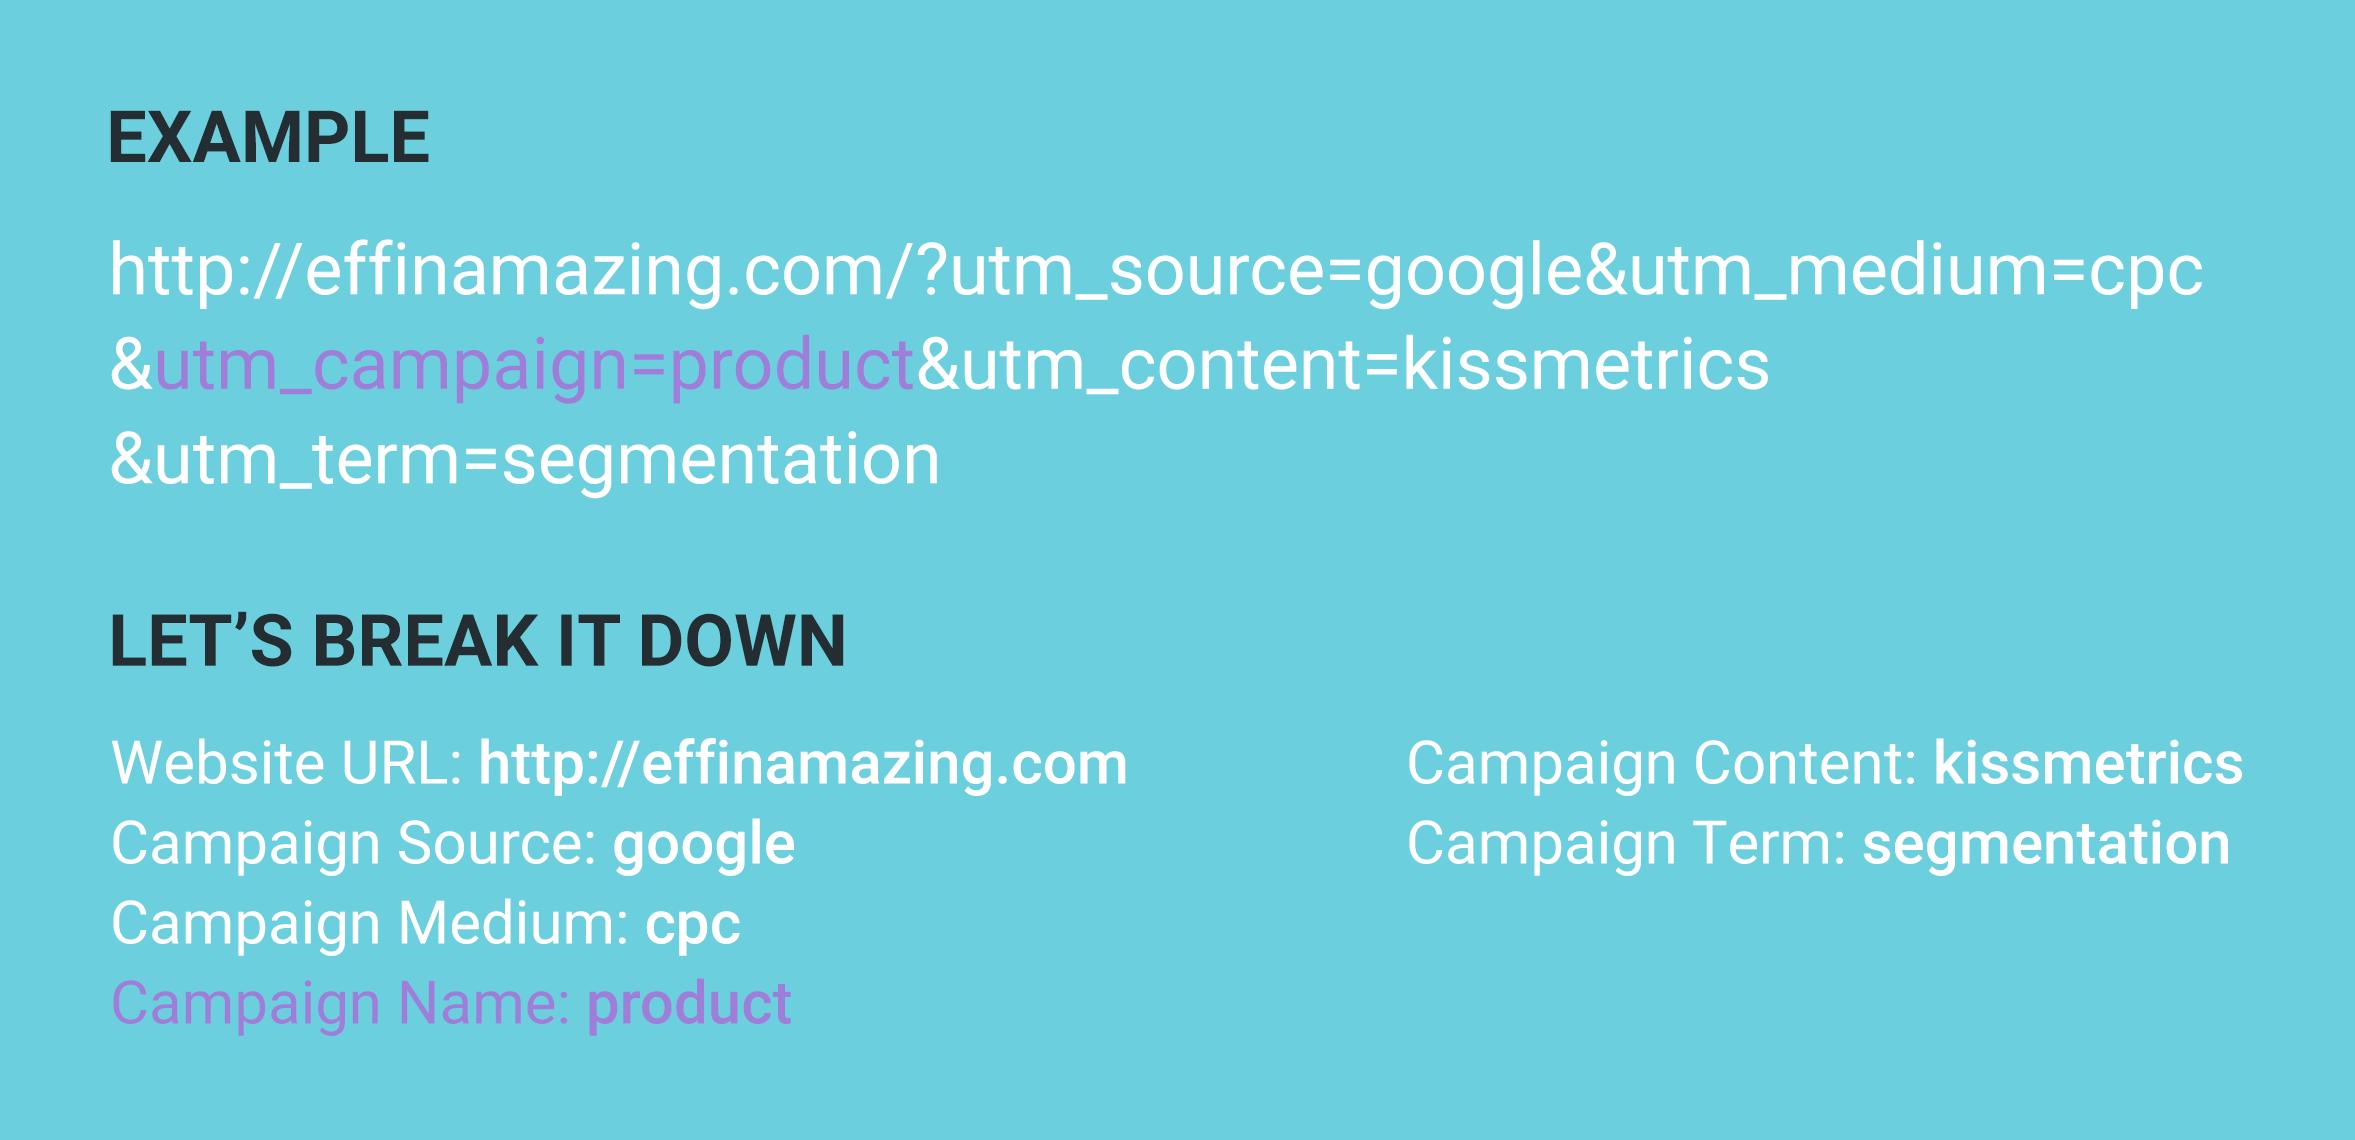 UTM campaign parameter example